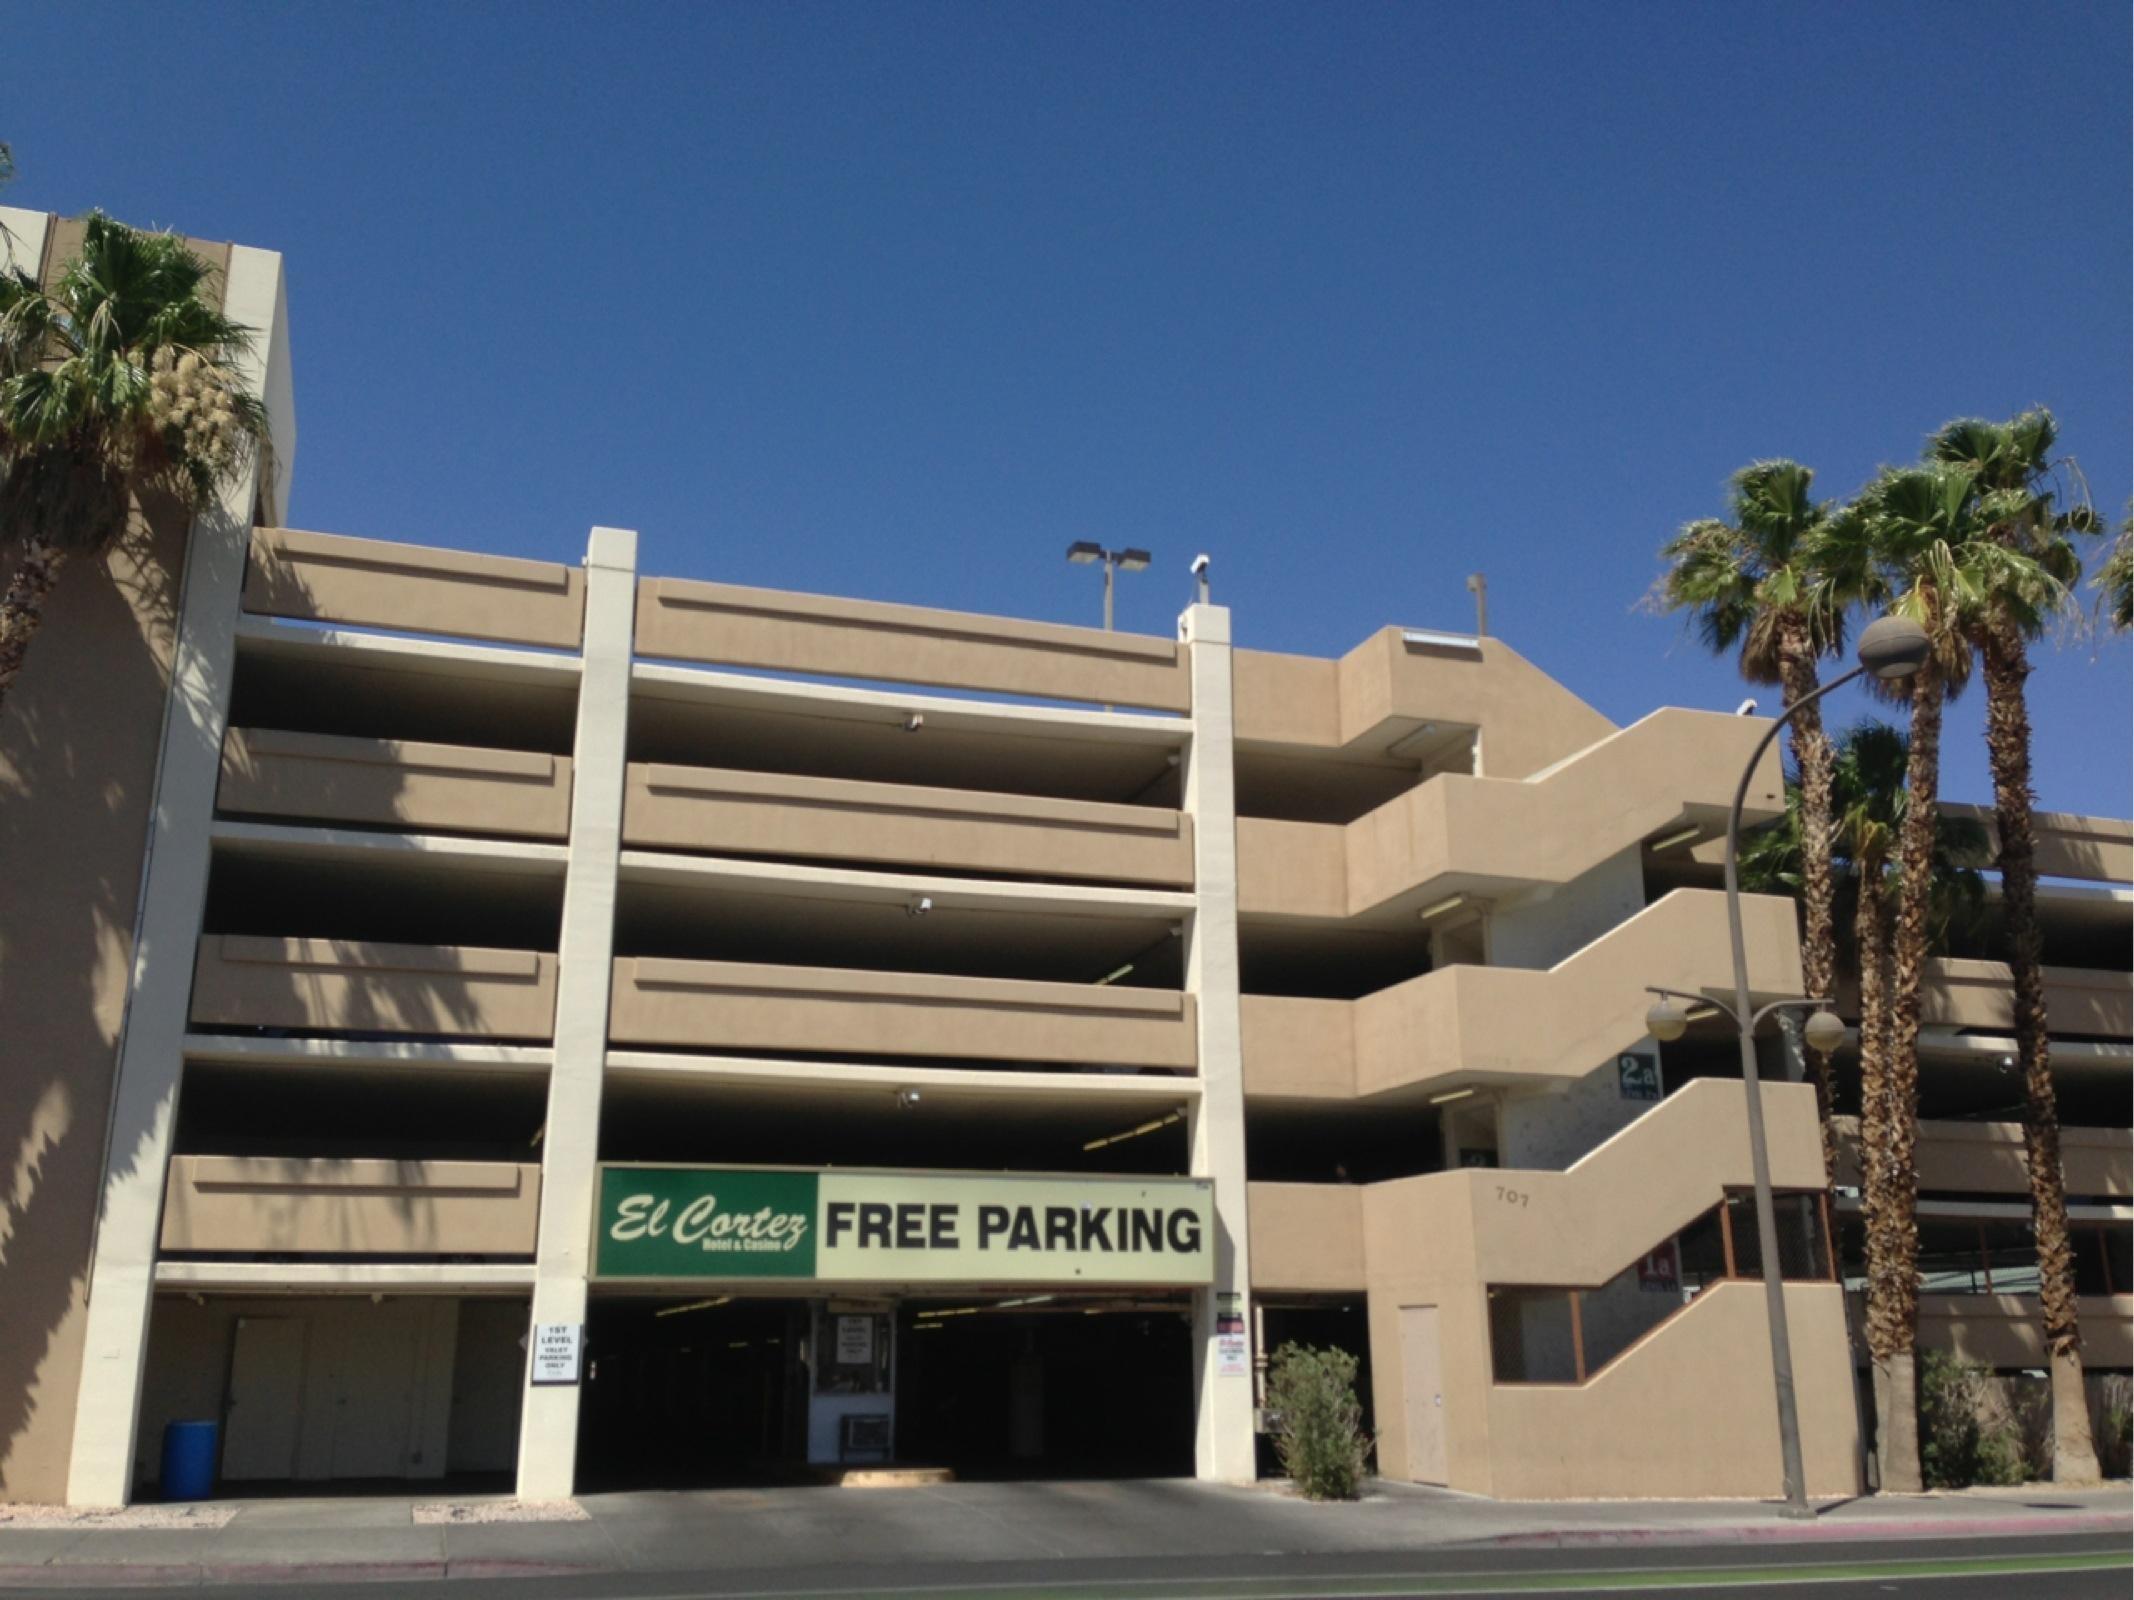 El Cortez Parking In Las Vegas Parkme